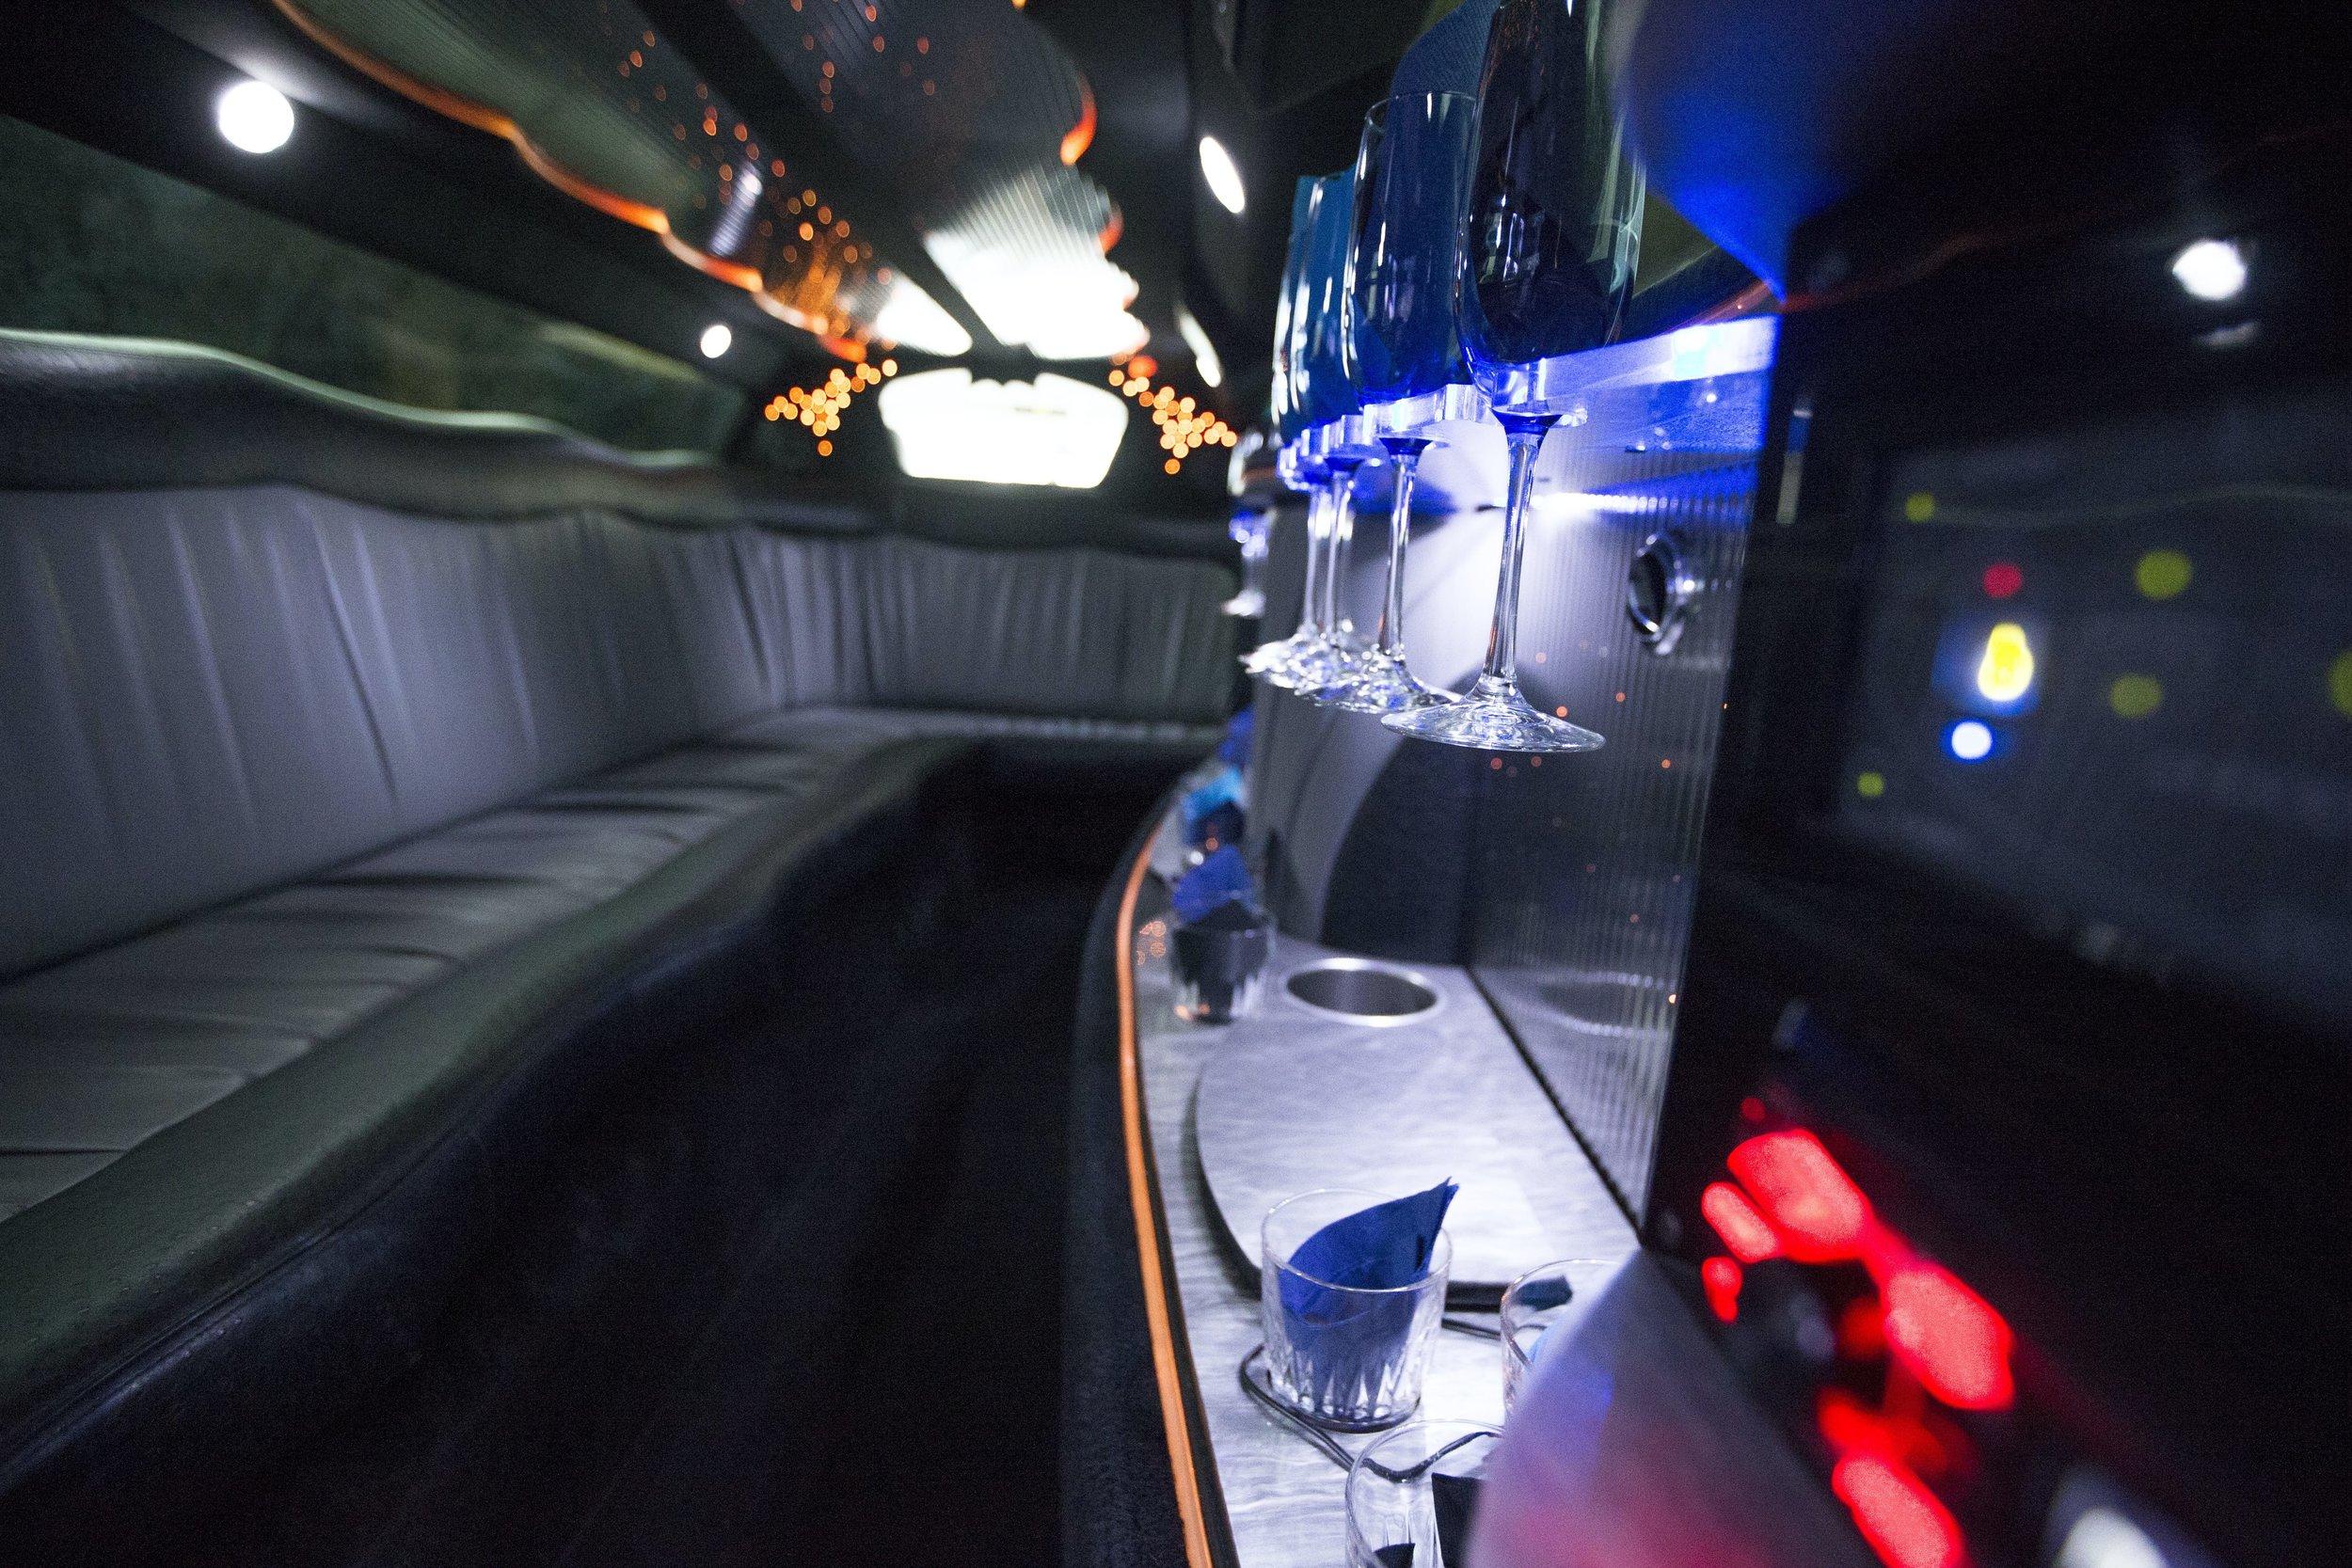 Divine-Limousine-Dodge-Charger-Stretch-10-Passenger-Inside-2.jpg